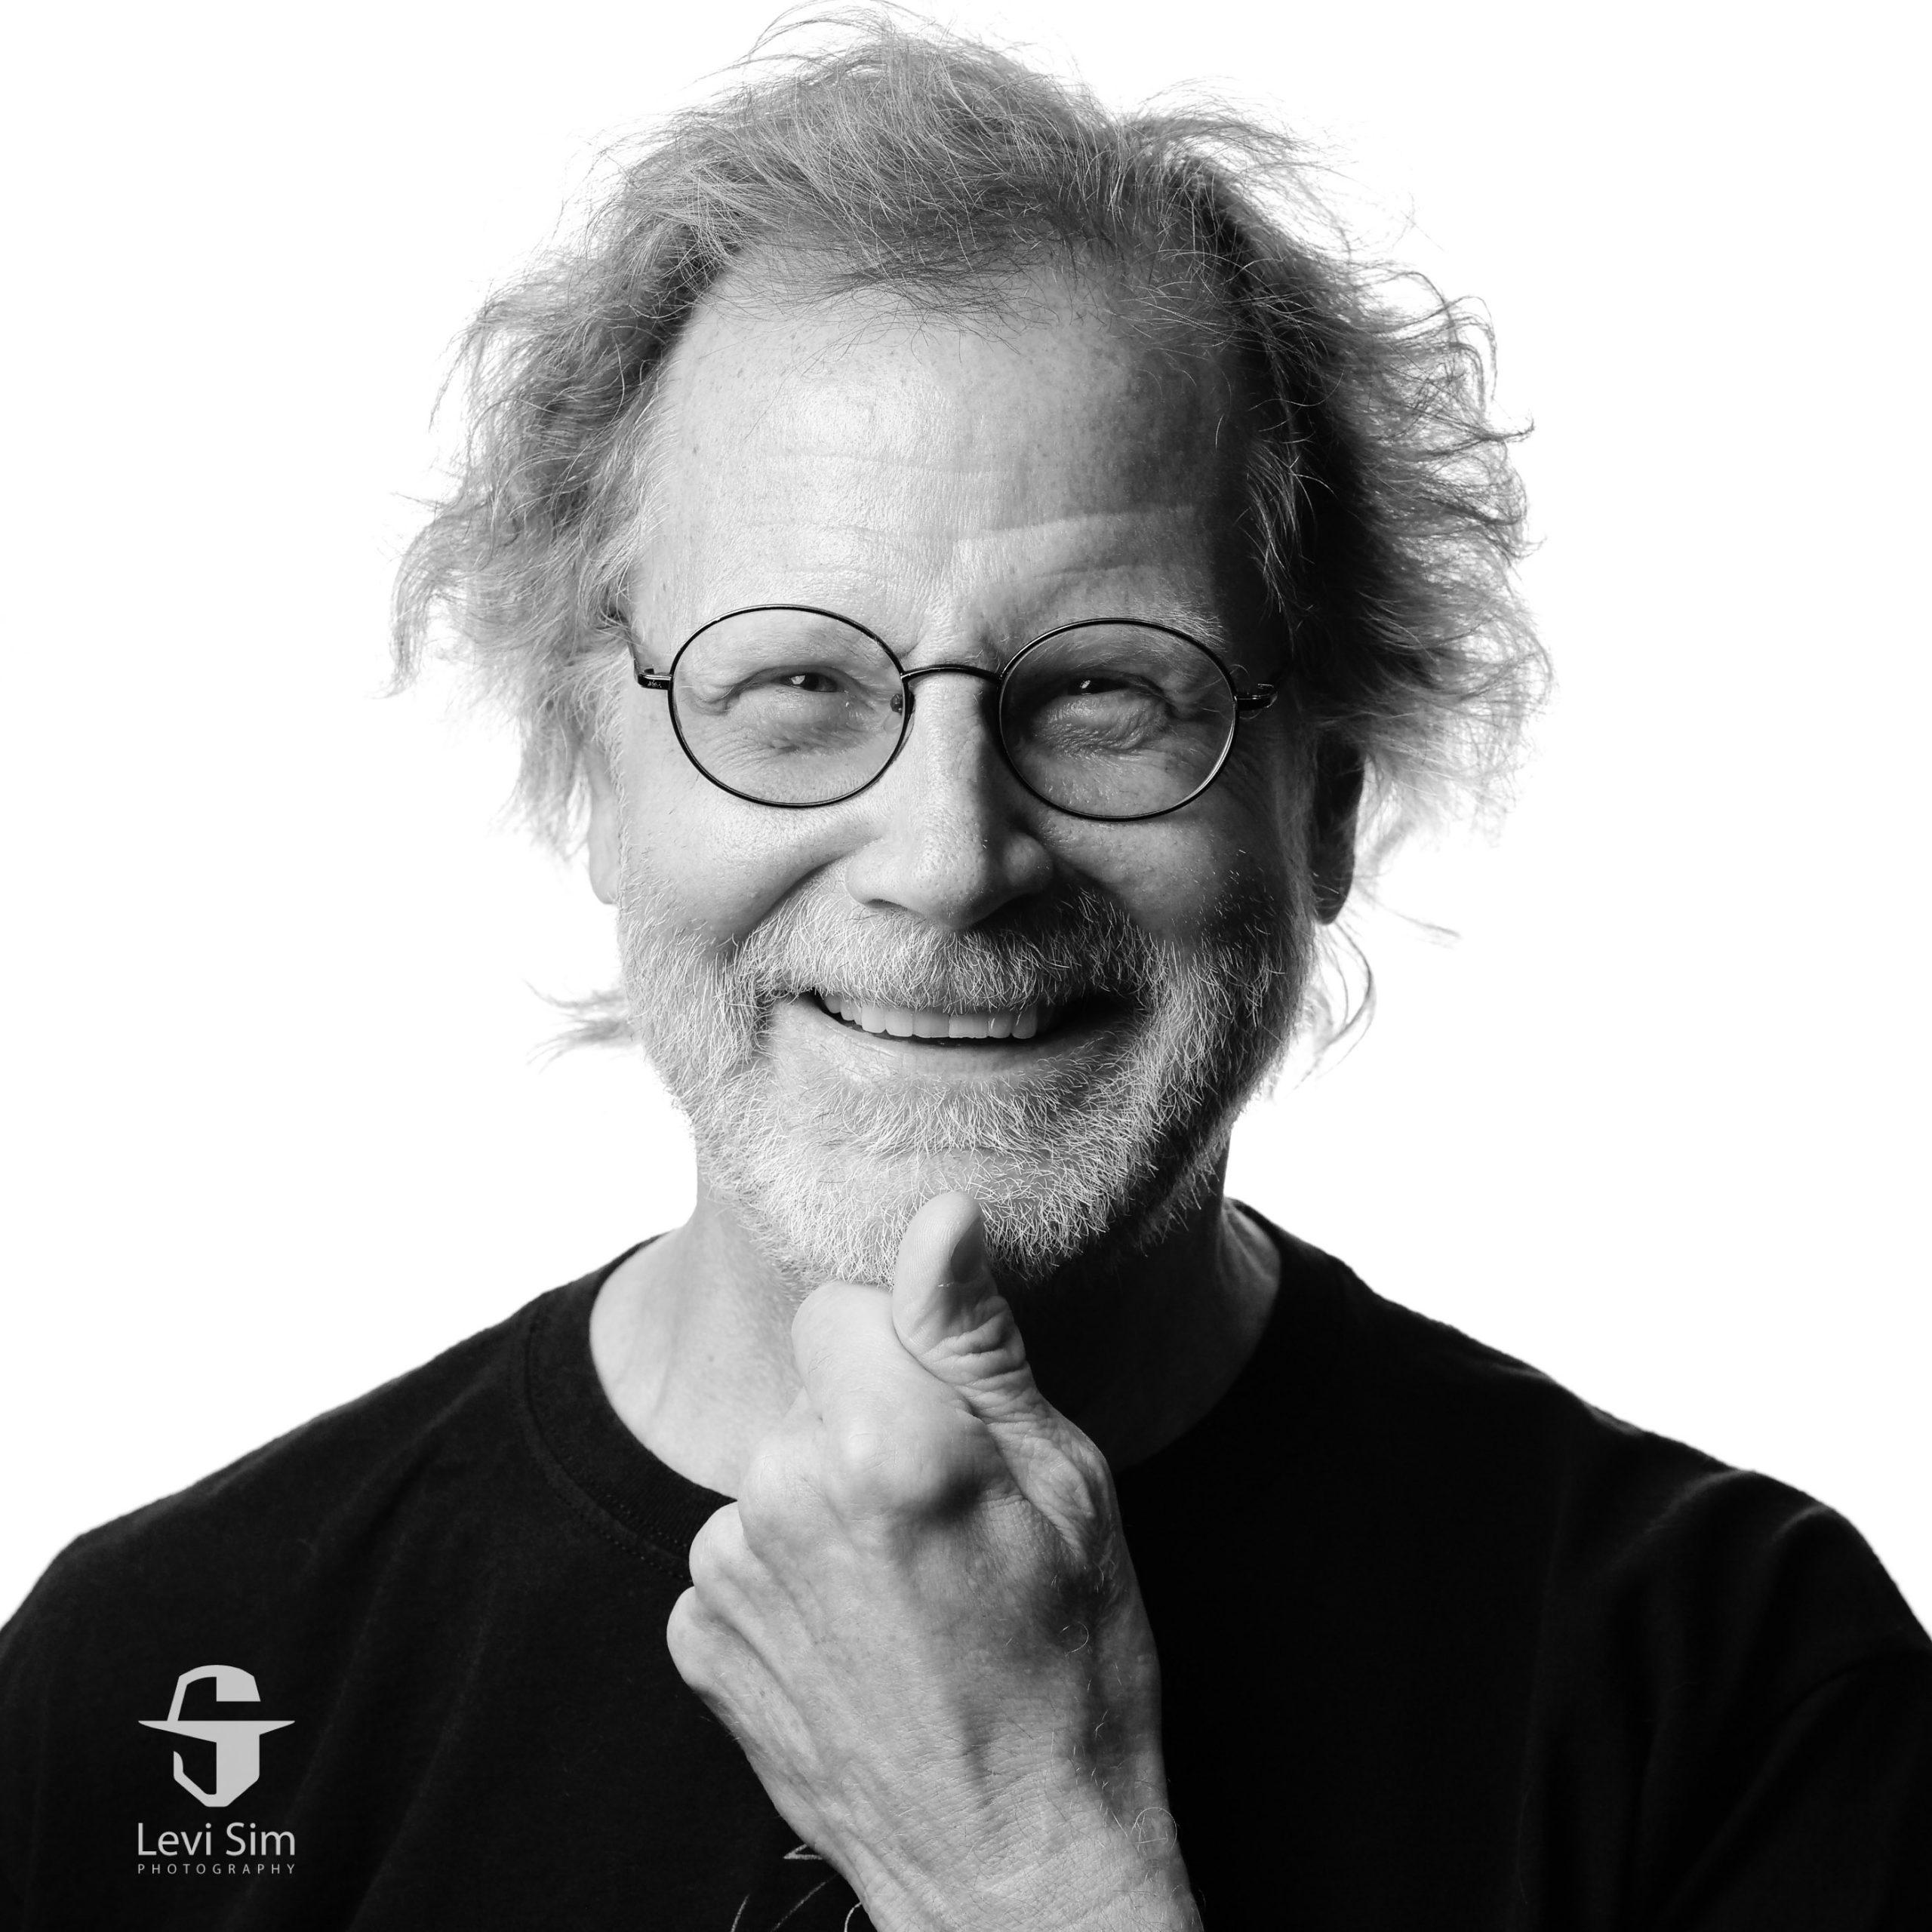 Levi Sim Steve Jobs Portrait Project Out Of Chicago 2017-31